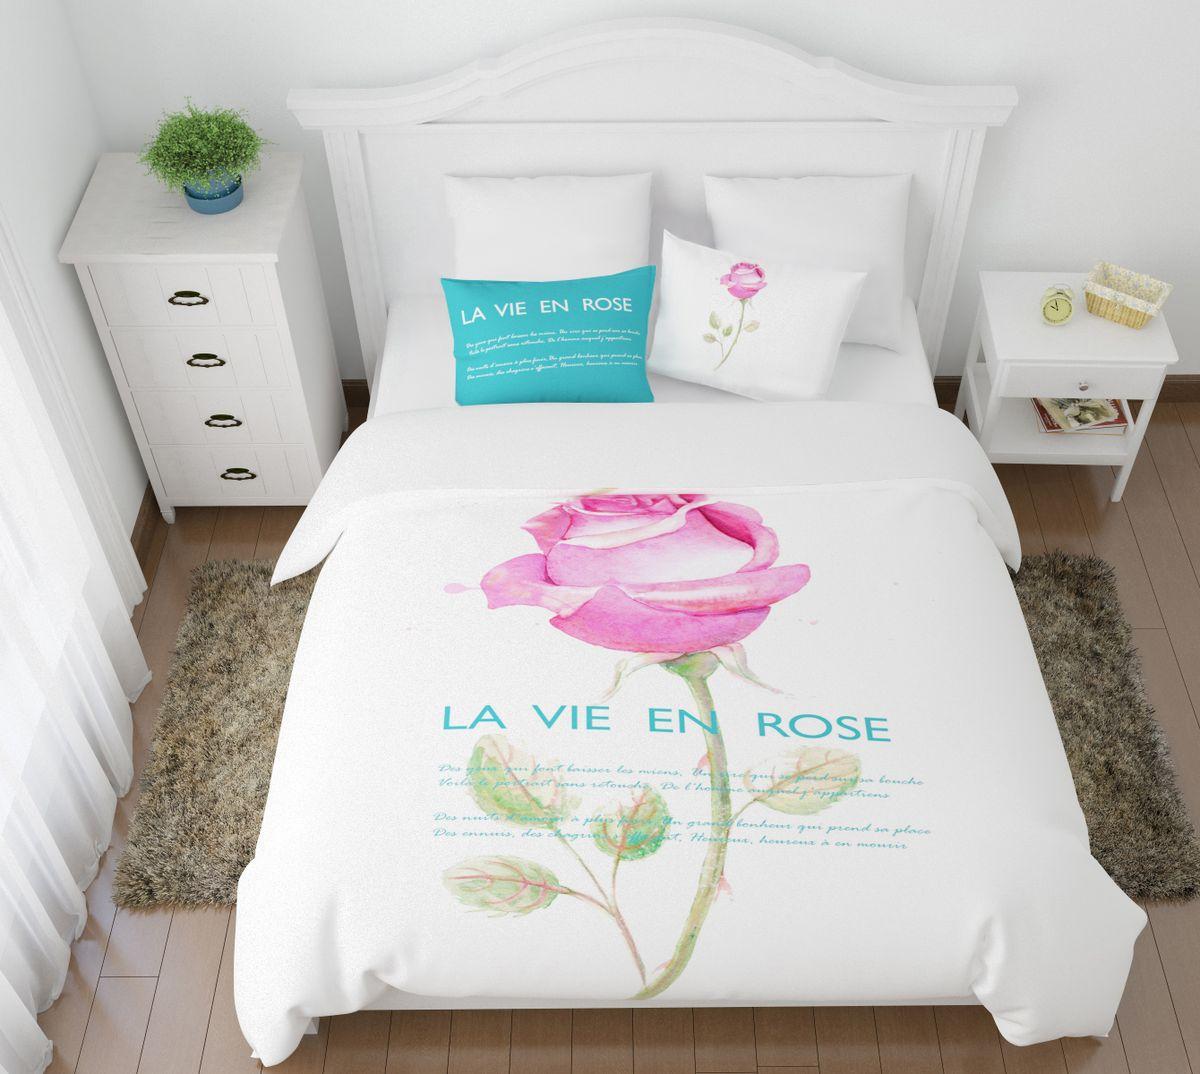 Комплект белья Сирень Жизнь в розовом цвете, 1,5-спальный, наволочки 50x7008443-КПБ-МКомплект постельного белья Сирень выполнен из прочной и мягкой ткани. Четкий и стильный рисунок в сочетании с насыщенными красками делают комплект постельного белья неповторимой изюминкой любого интерьера. Постельное белье идеально подойдет для подарка. Идеальное соотношение смешенной ткани и гипоаллергенных красок это гарантия здорового, спокойного сна. Ткань хорошо впитывает влагу, надолго сохраняет яркость красок. Цвет простыни, пододеяльника, наволочки в комплектации может немного отличаться от представленного на фото. В комплект входят: простынь - 150х220см; пододельяник 145х210 см; наволочка - 50х70х2шт. Постельное белье легко стирать при 30-40 градусах, гладить при 150 градусах, не отбеливать.Рекомендуется перед первым изпользованием постирать.